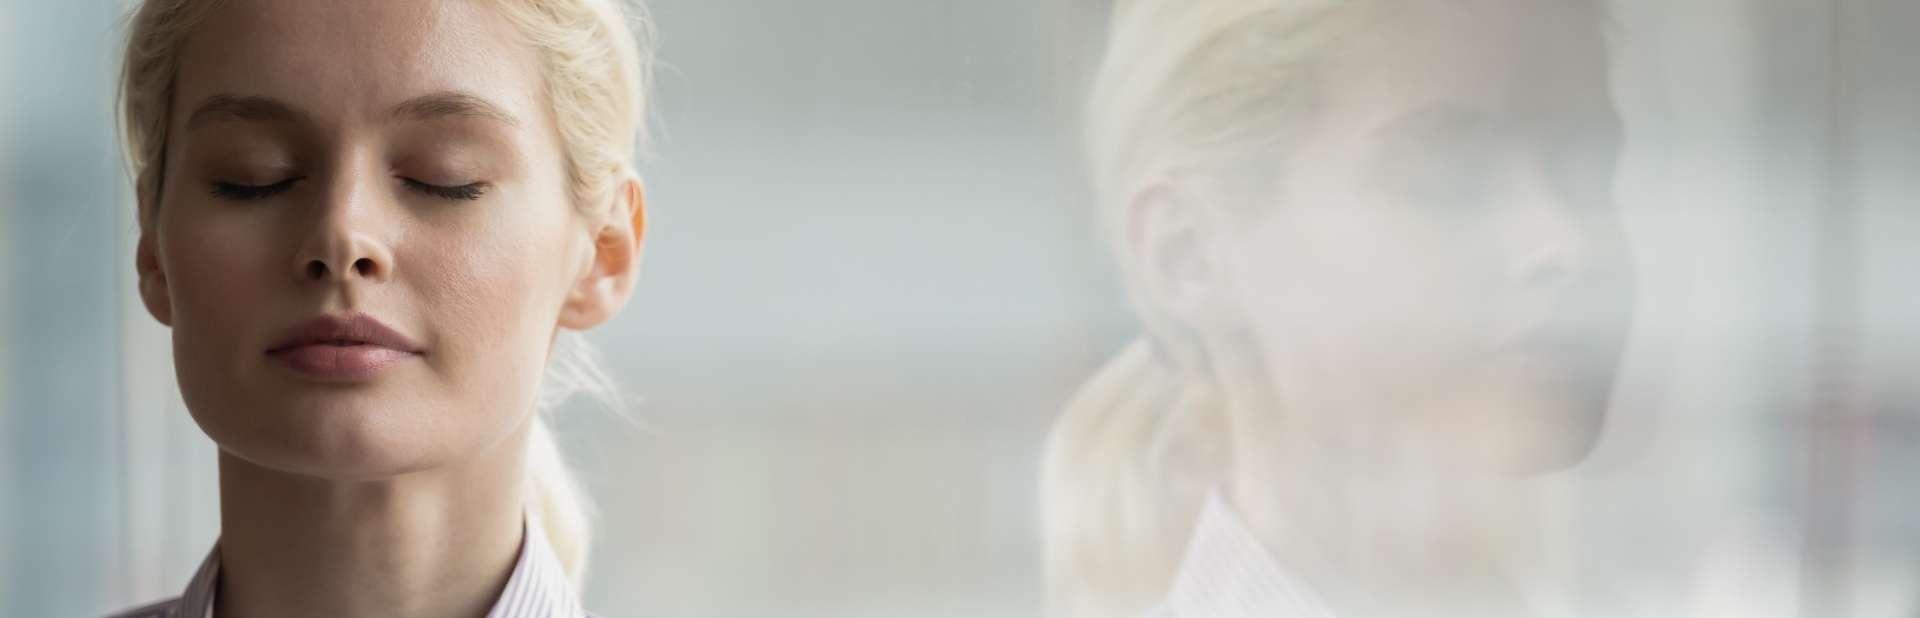 respirazione-diaframmatica-donna-che-respira-dr-di-presa-osteopatia-pisa-livorno